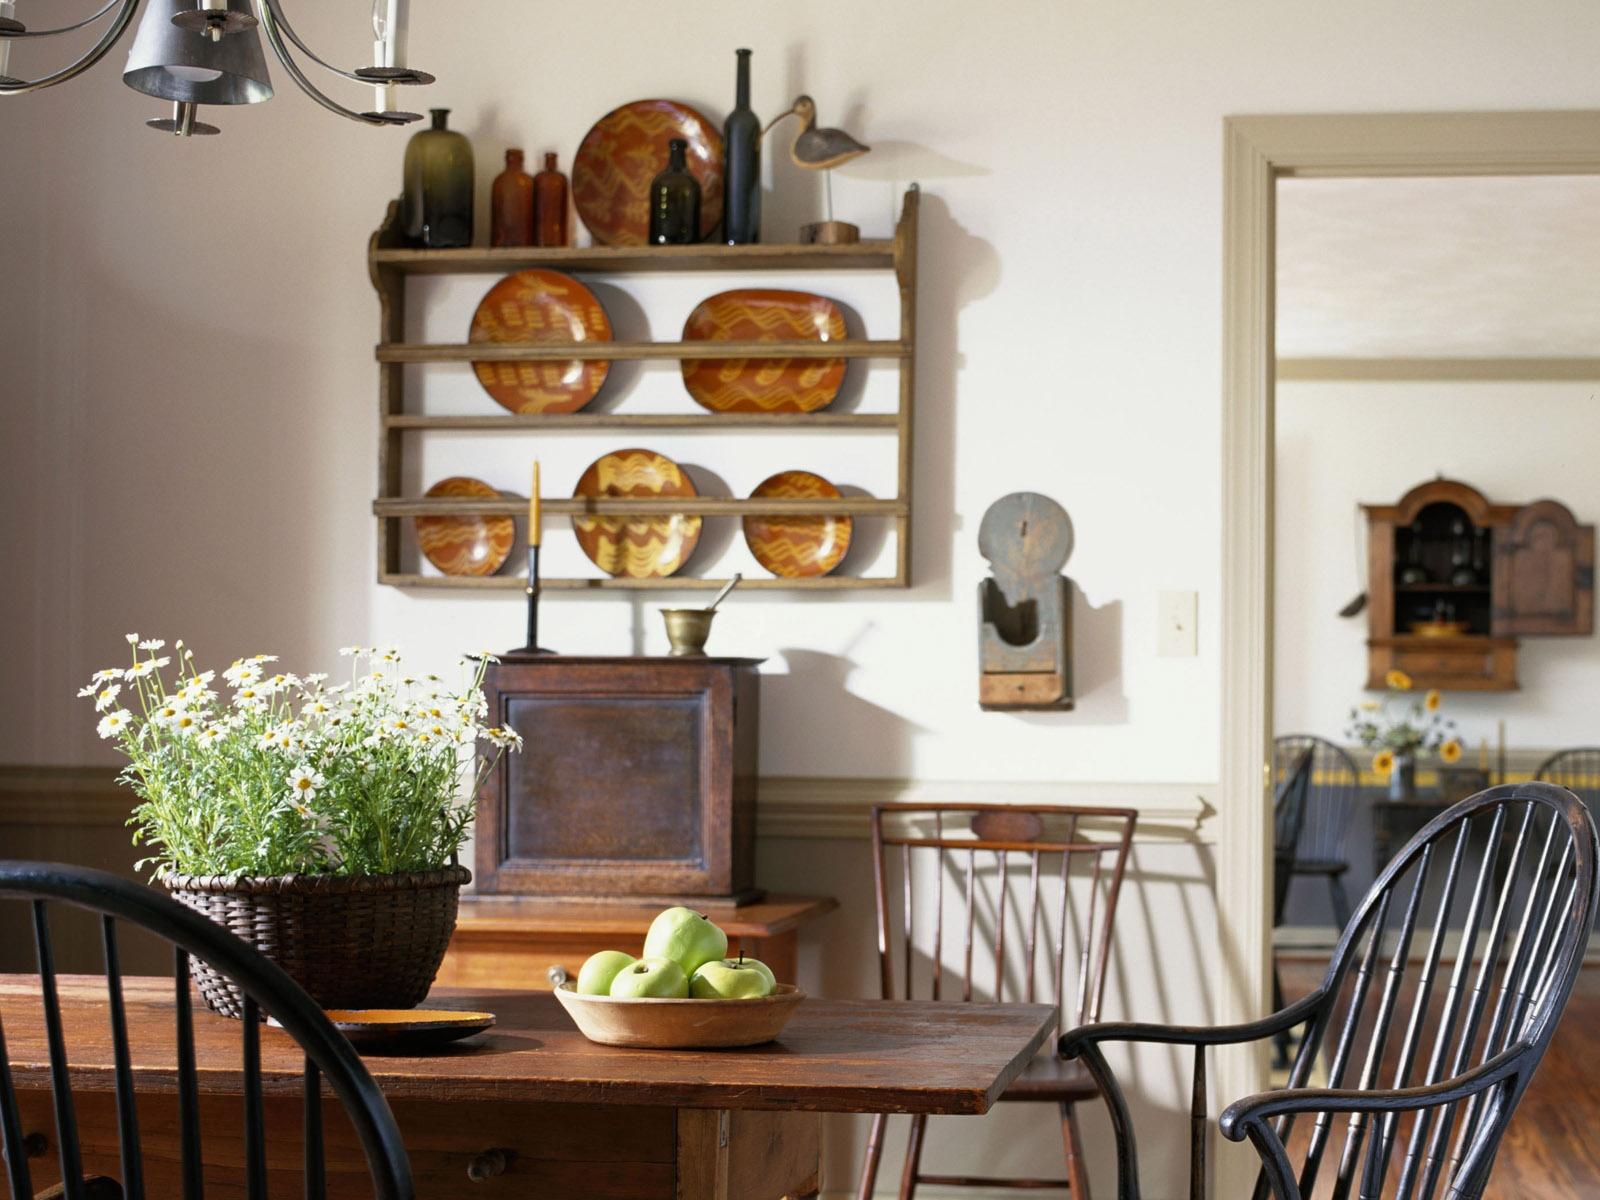 чисты, для кухни своими руками оригинальные идеи фото отделка зале может